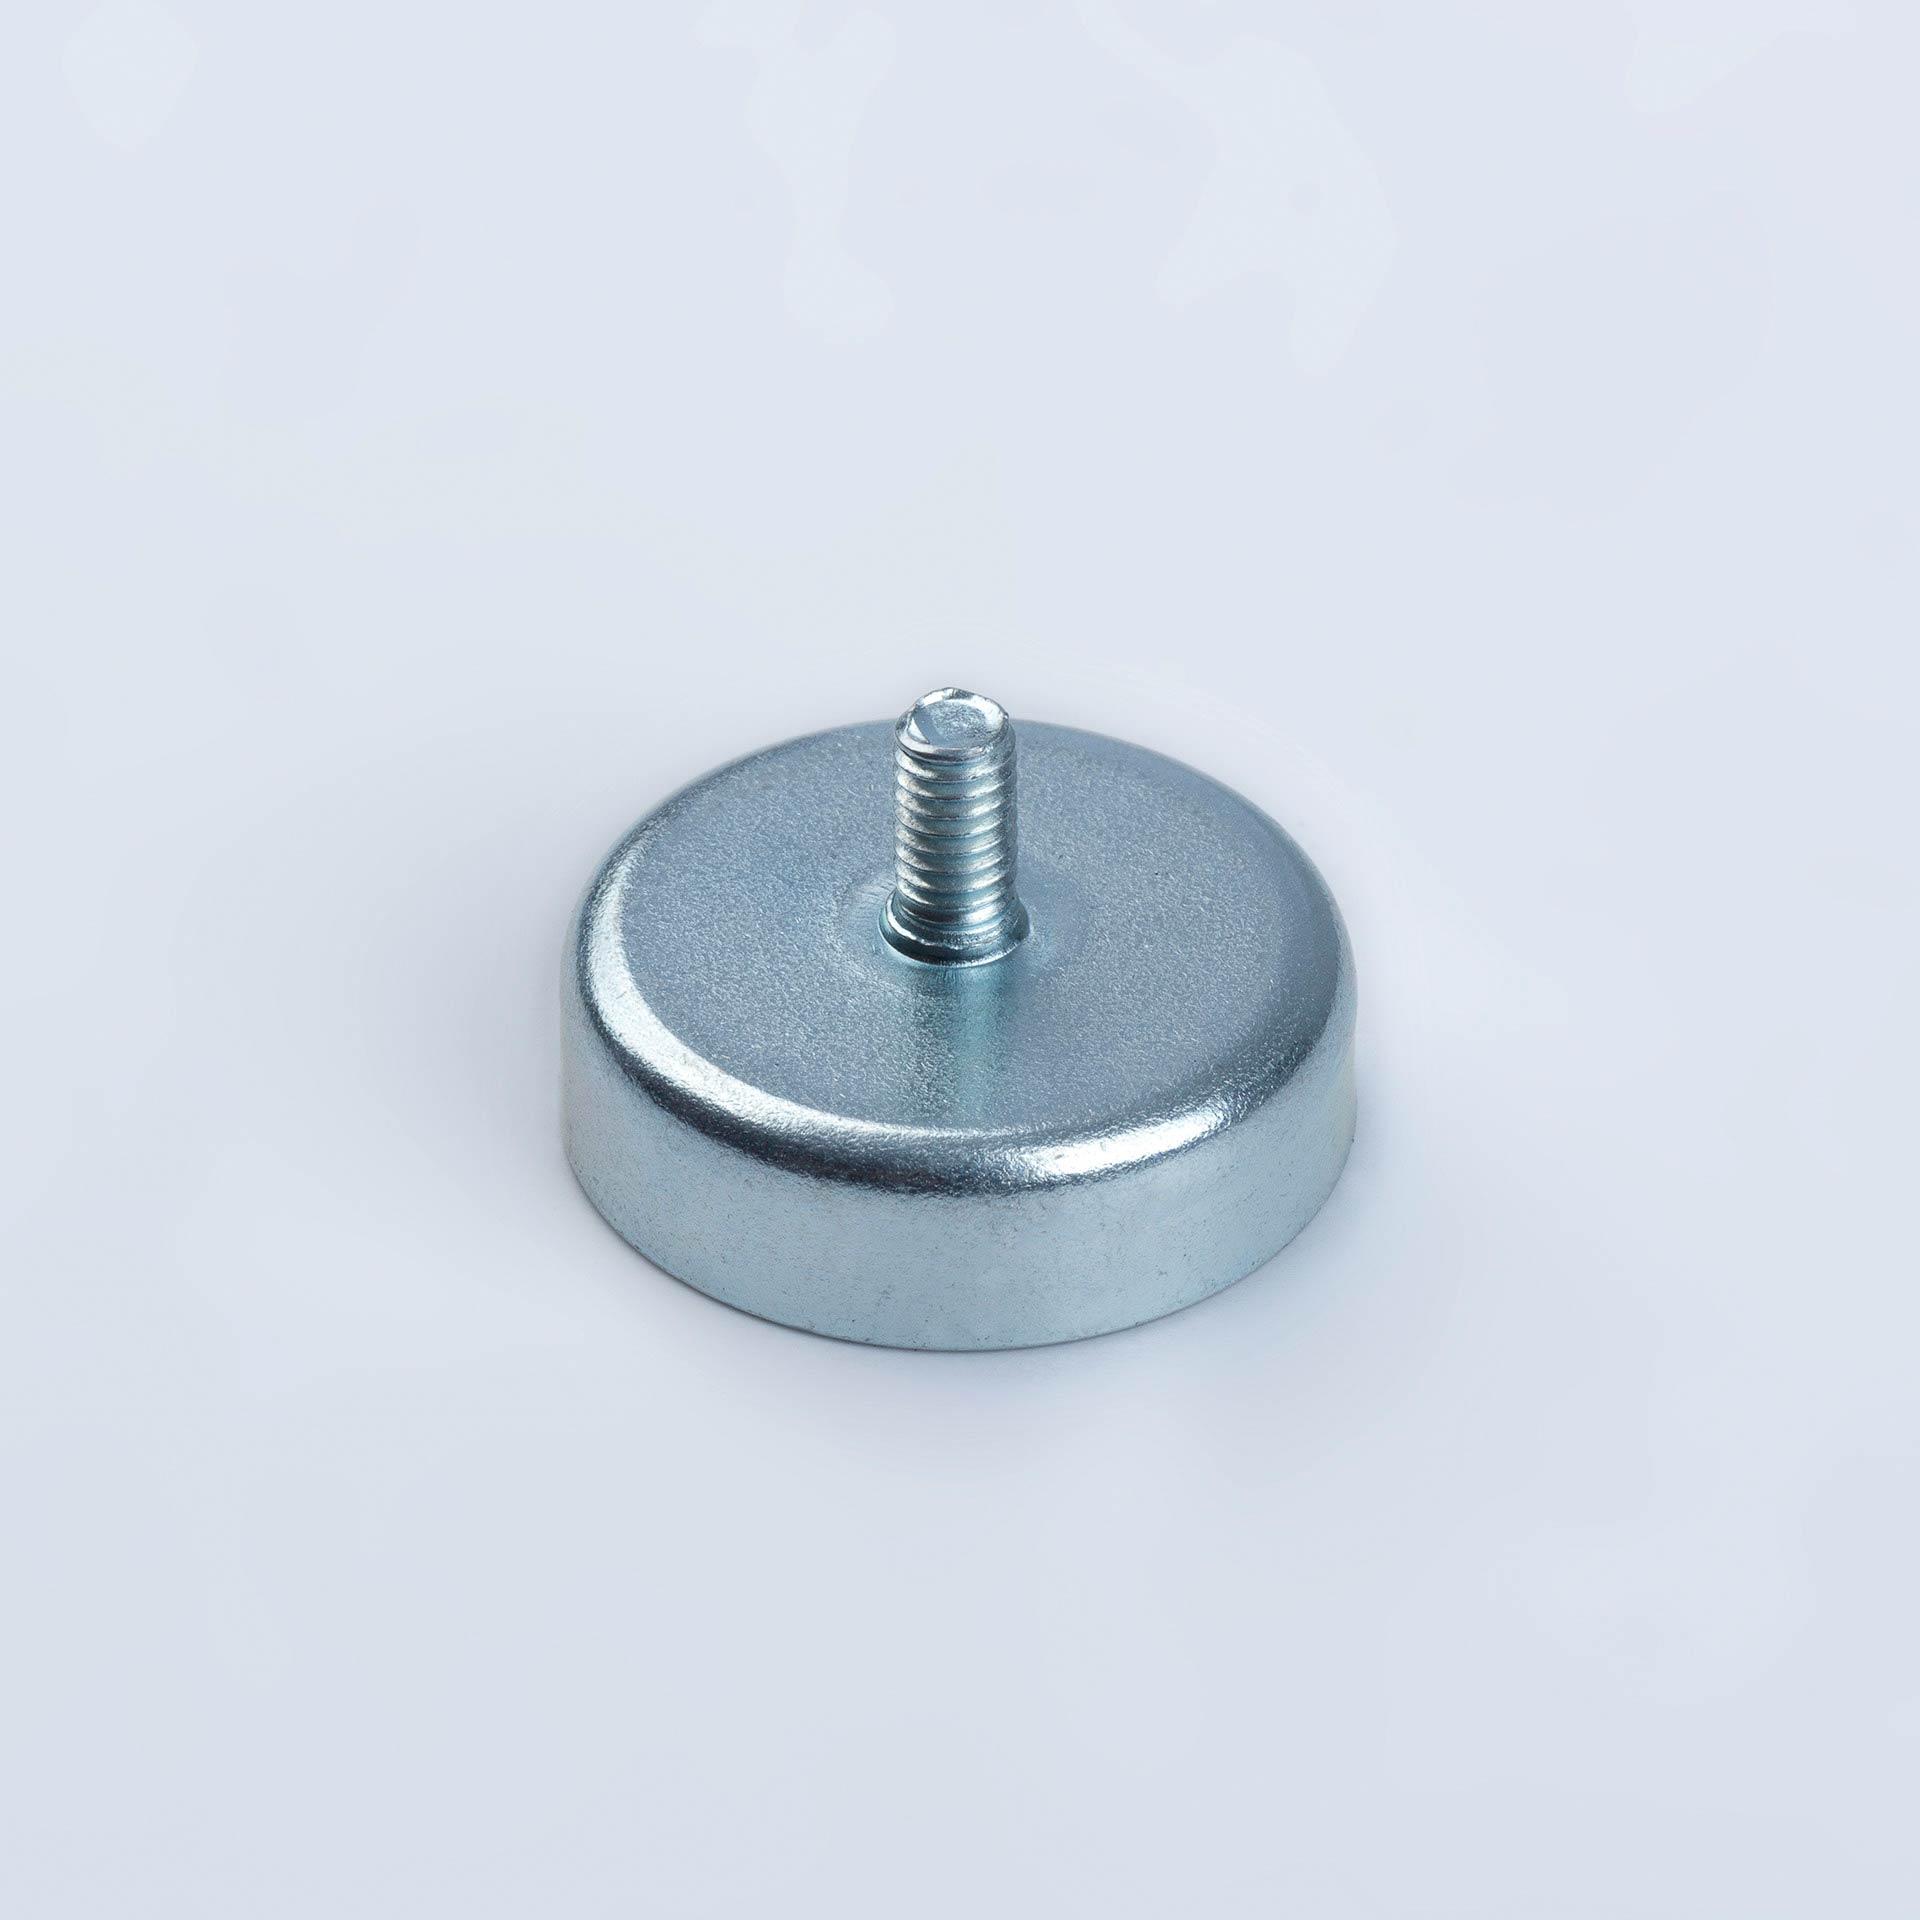 Flachgreifer aus Hartferrit, mit Außengewinde, verzinkt, thyssenkrupp Magnettechnik